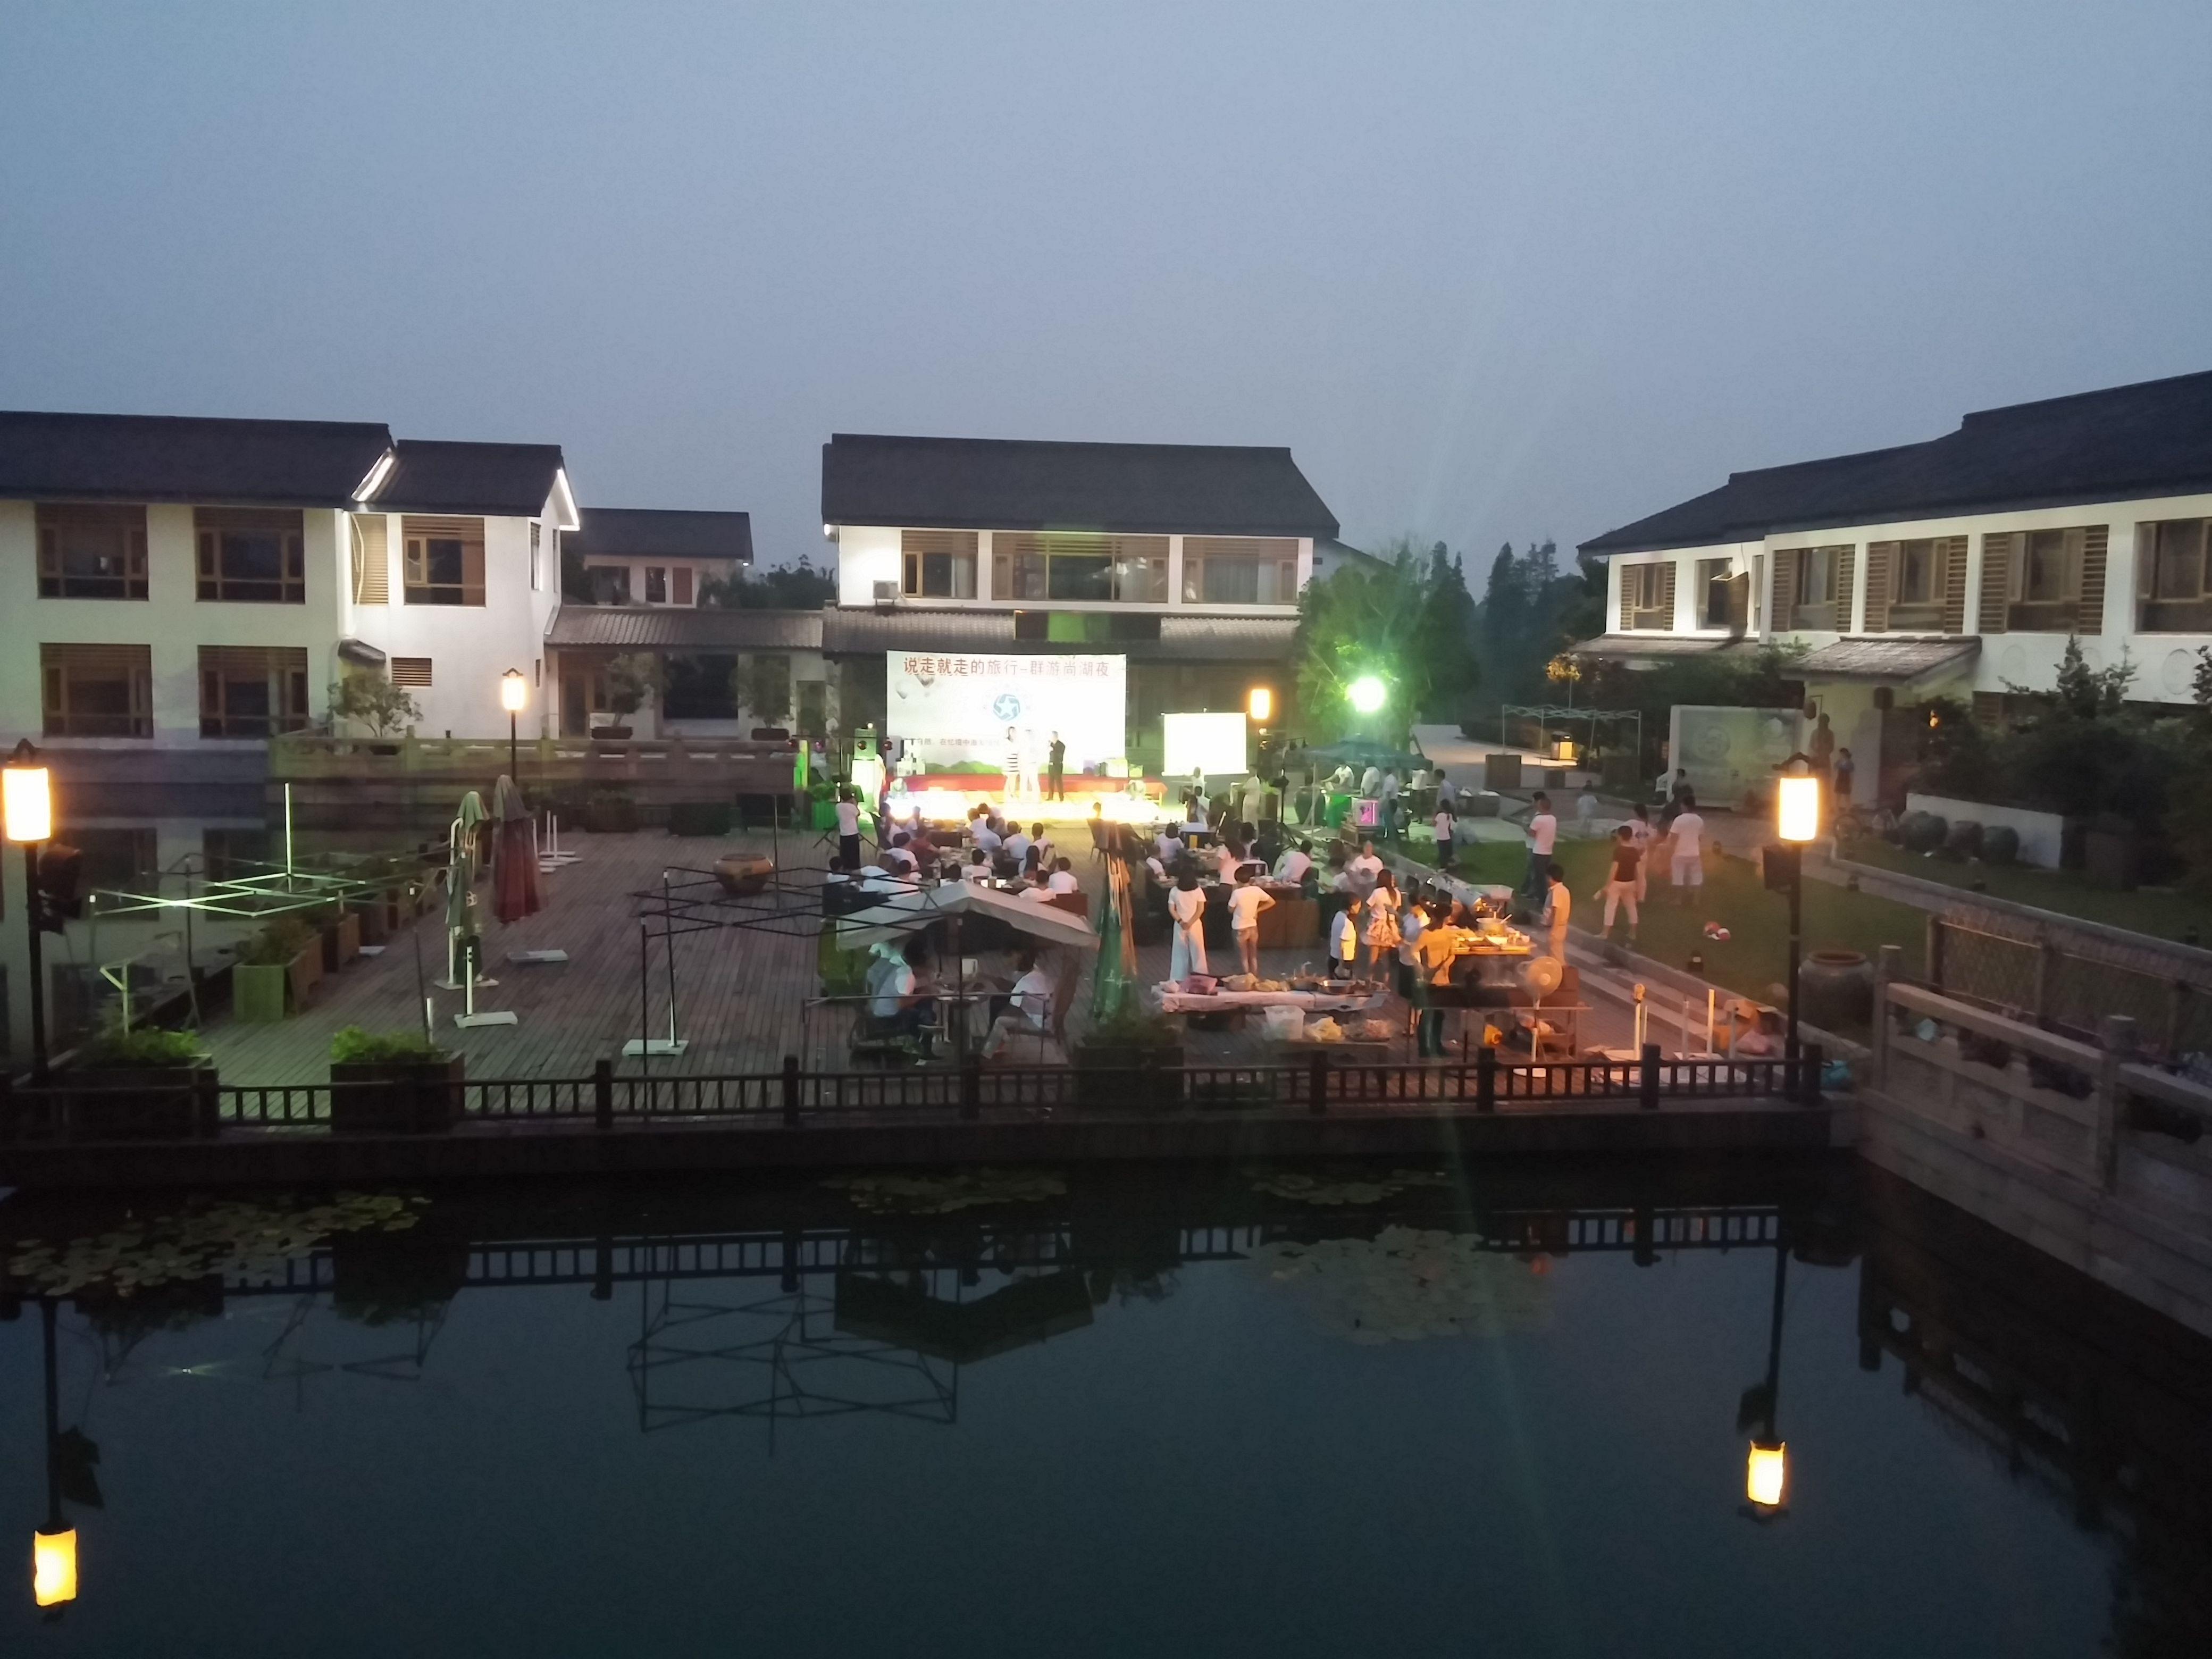 Changshu jiangsu china